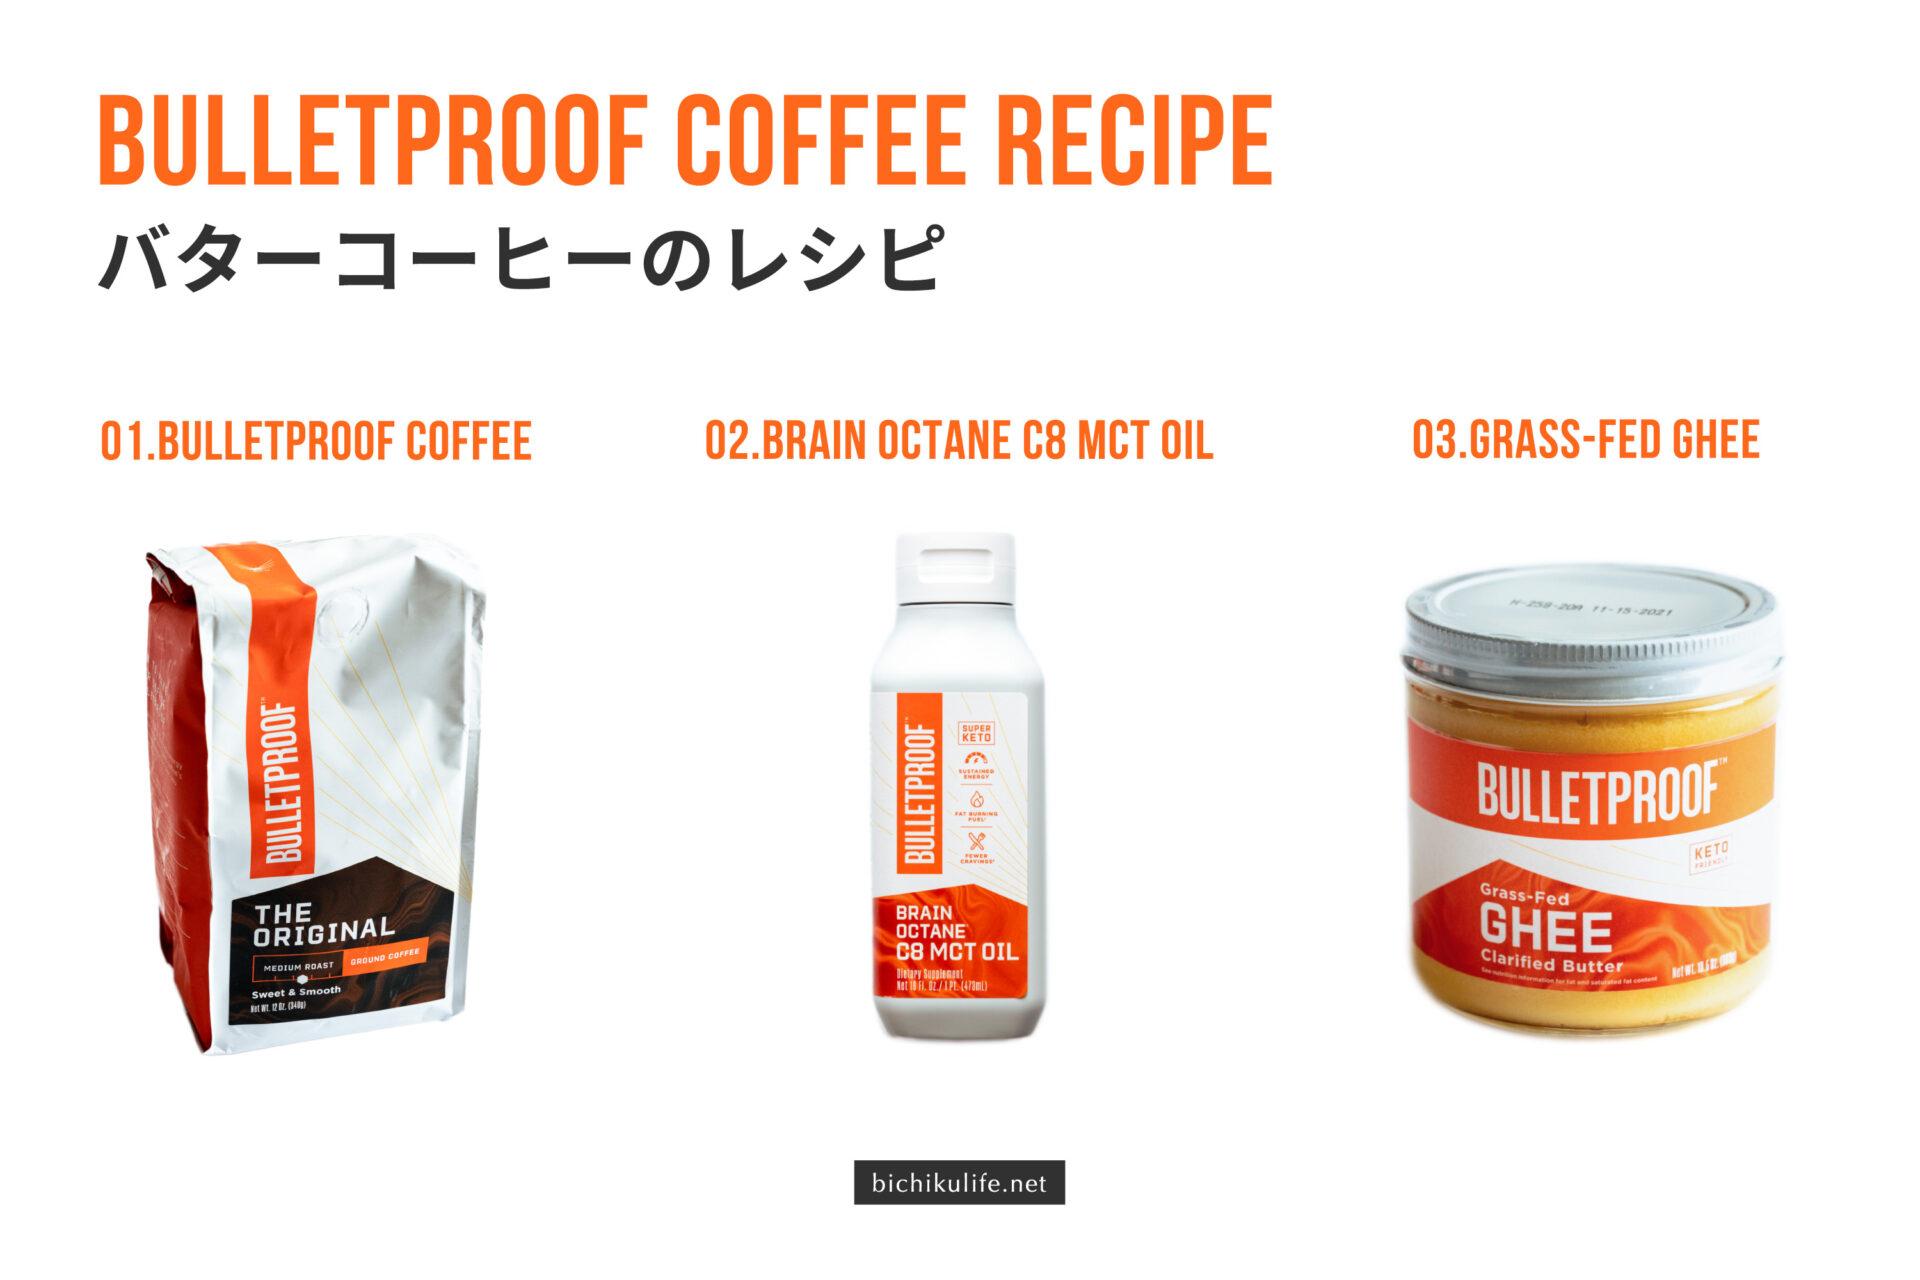 ブレットプルーフ 完全無欠コーヒー(防弾コーヒー、バターコーヒー)のレシピ